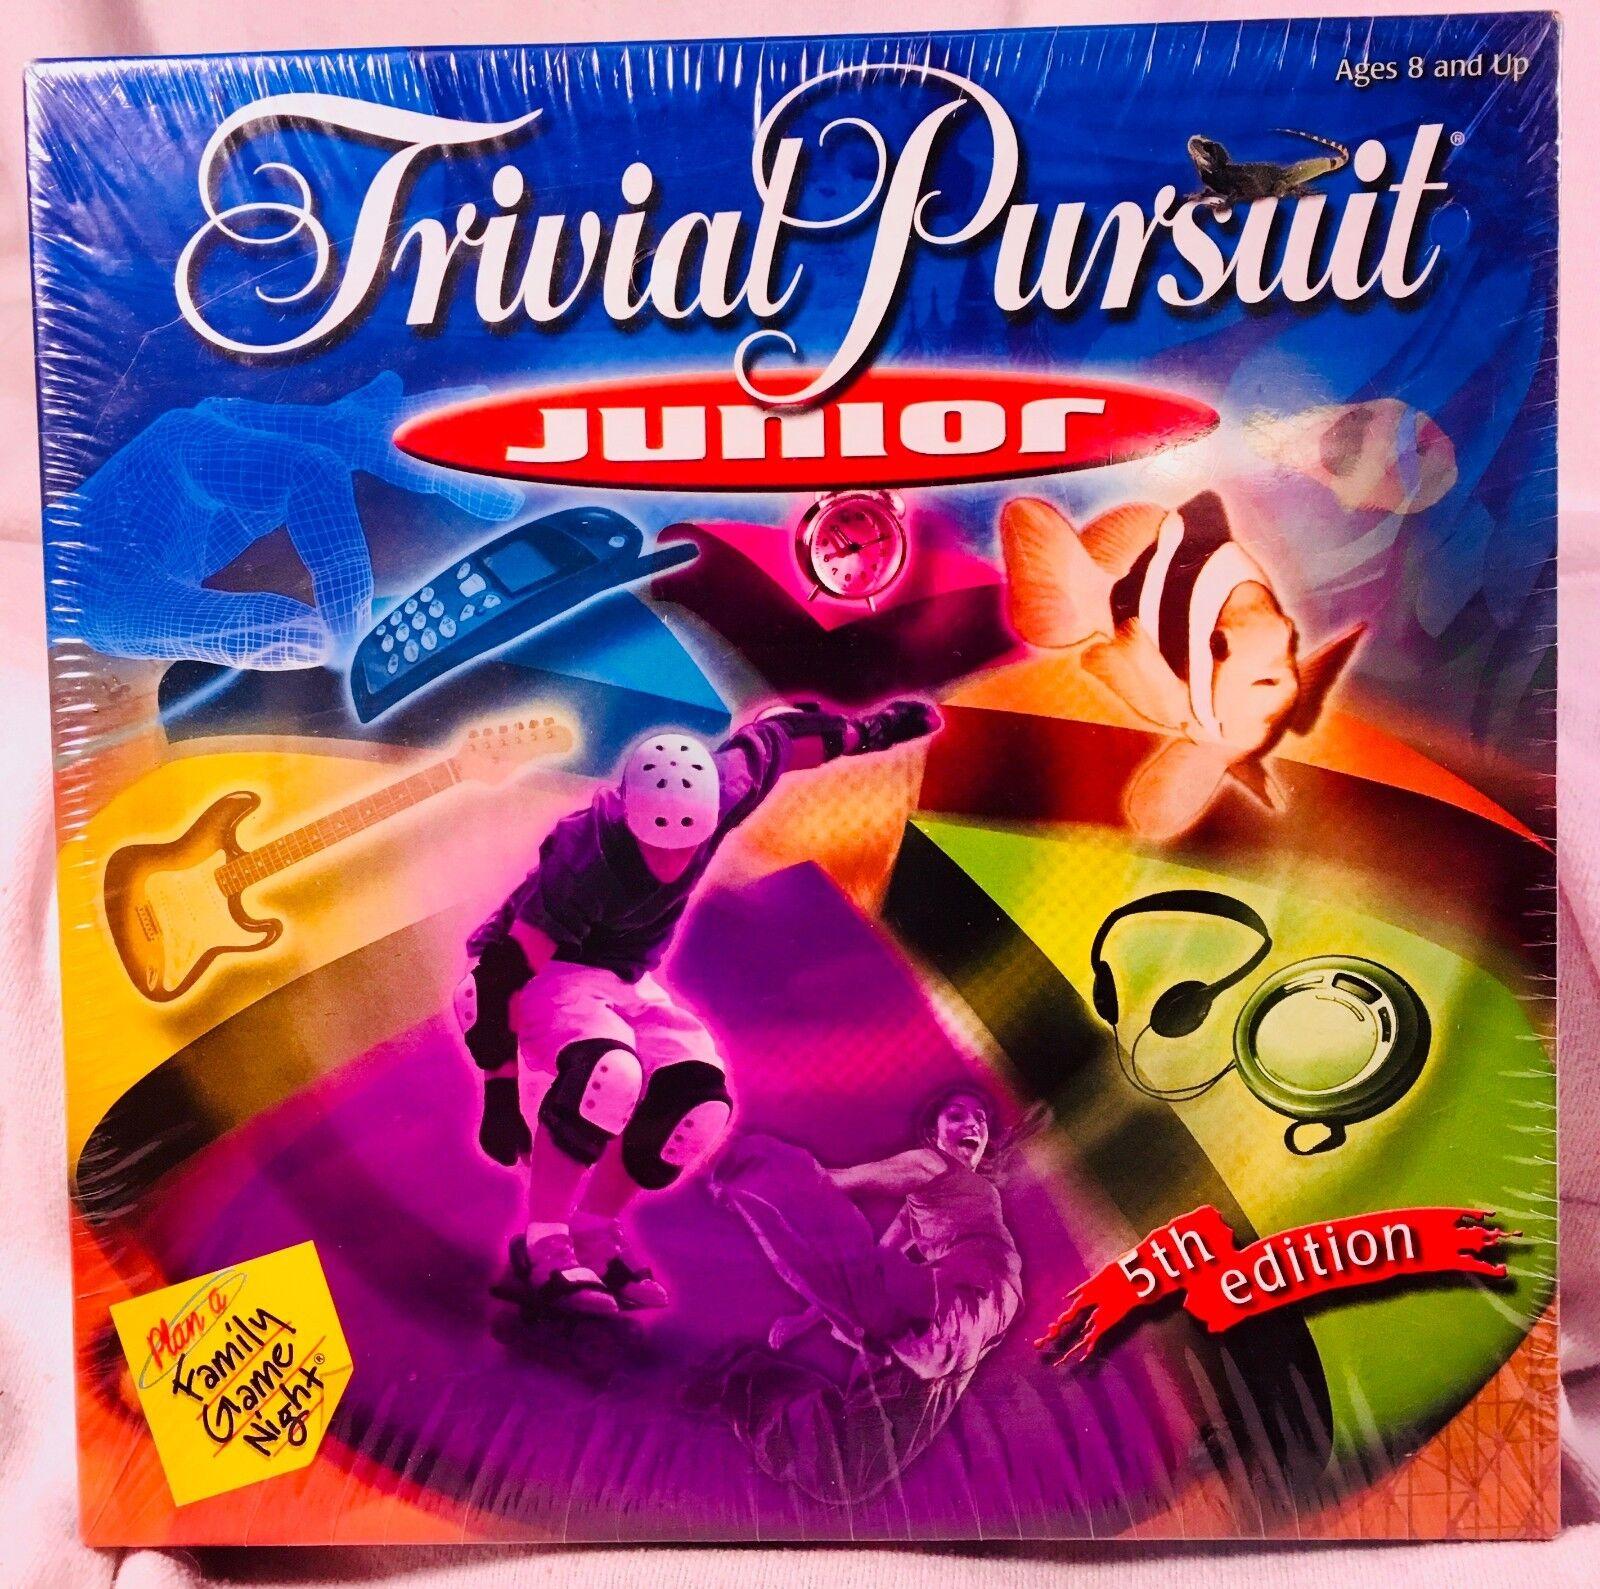 NIB - Hasbro 2001 Trivial Pursuit  Junior gioco (5th edizione) - Factory Sealed  consegna diretta e rapida in fabbrica